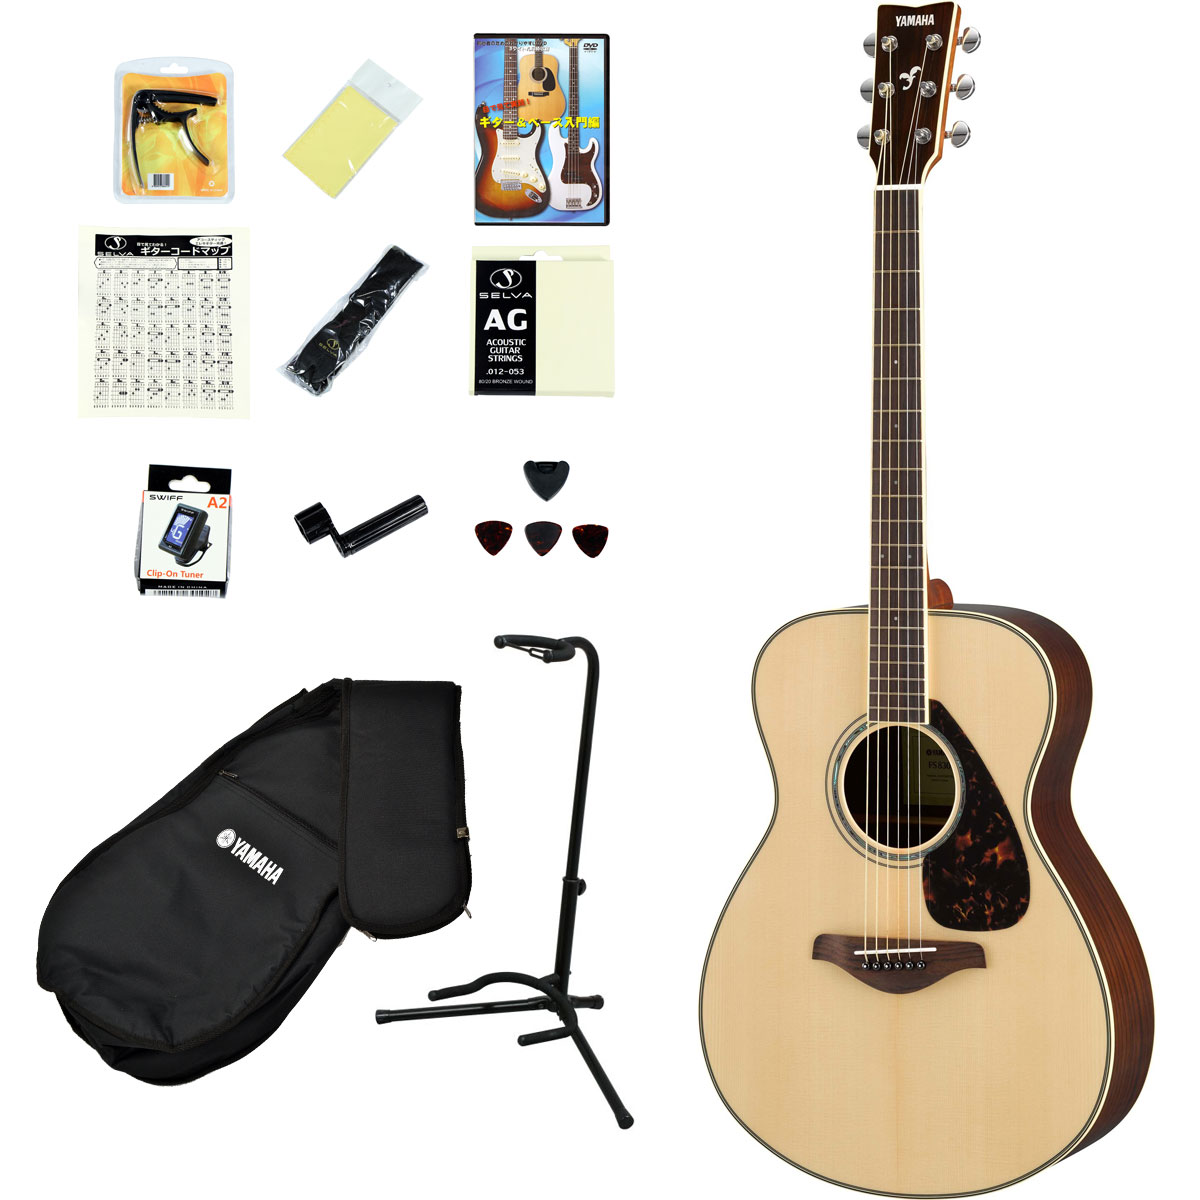 YAMAHA / FS830 NT(ナチュラル) 【アコースティックギター14点入門セット!】 ヤマハ アコギ フォークギター FS-830 入門 初心者【YRK】